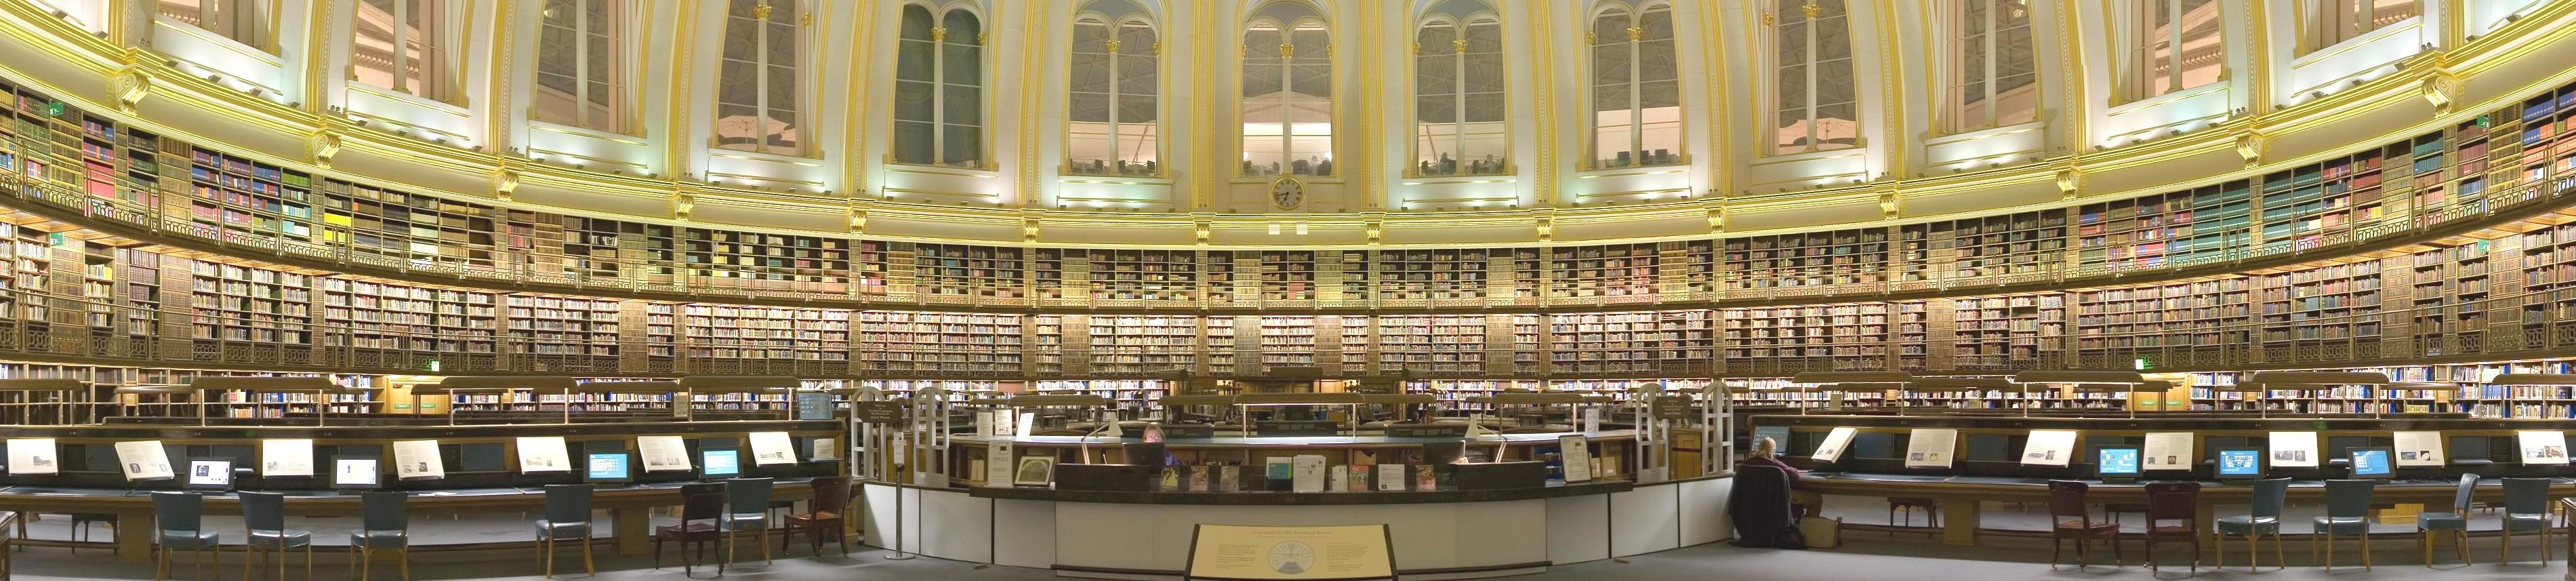 Homepage - UCF Libraries